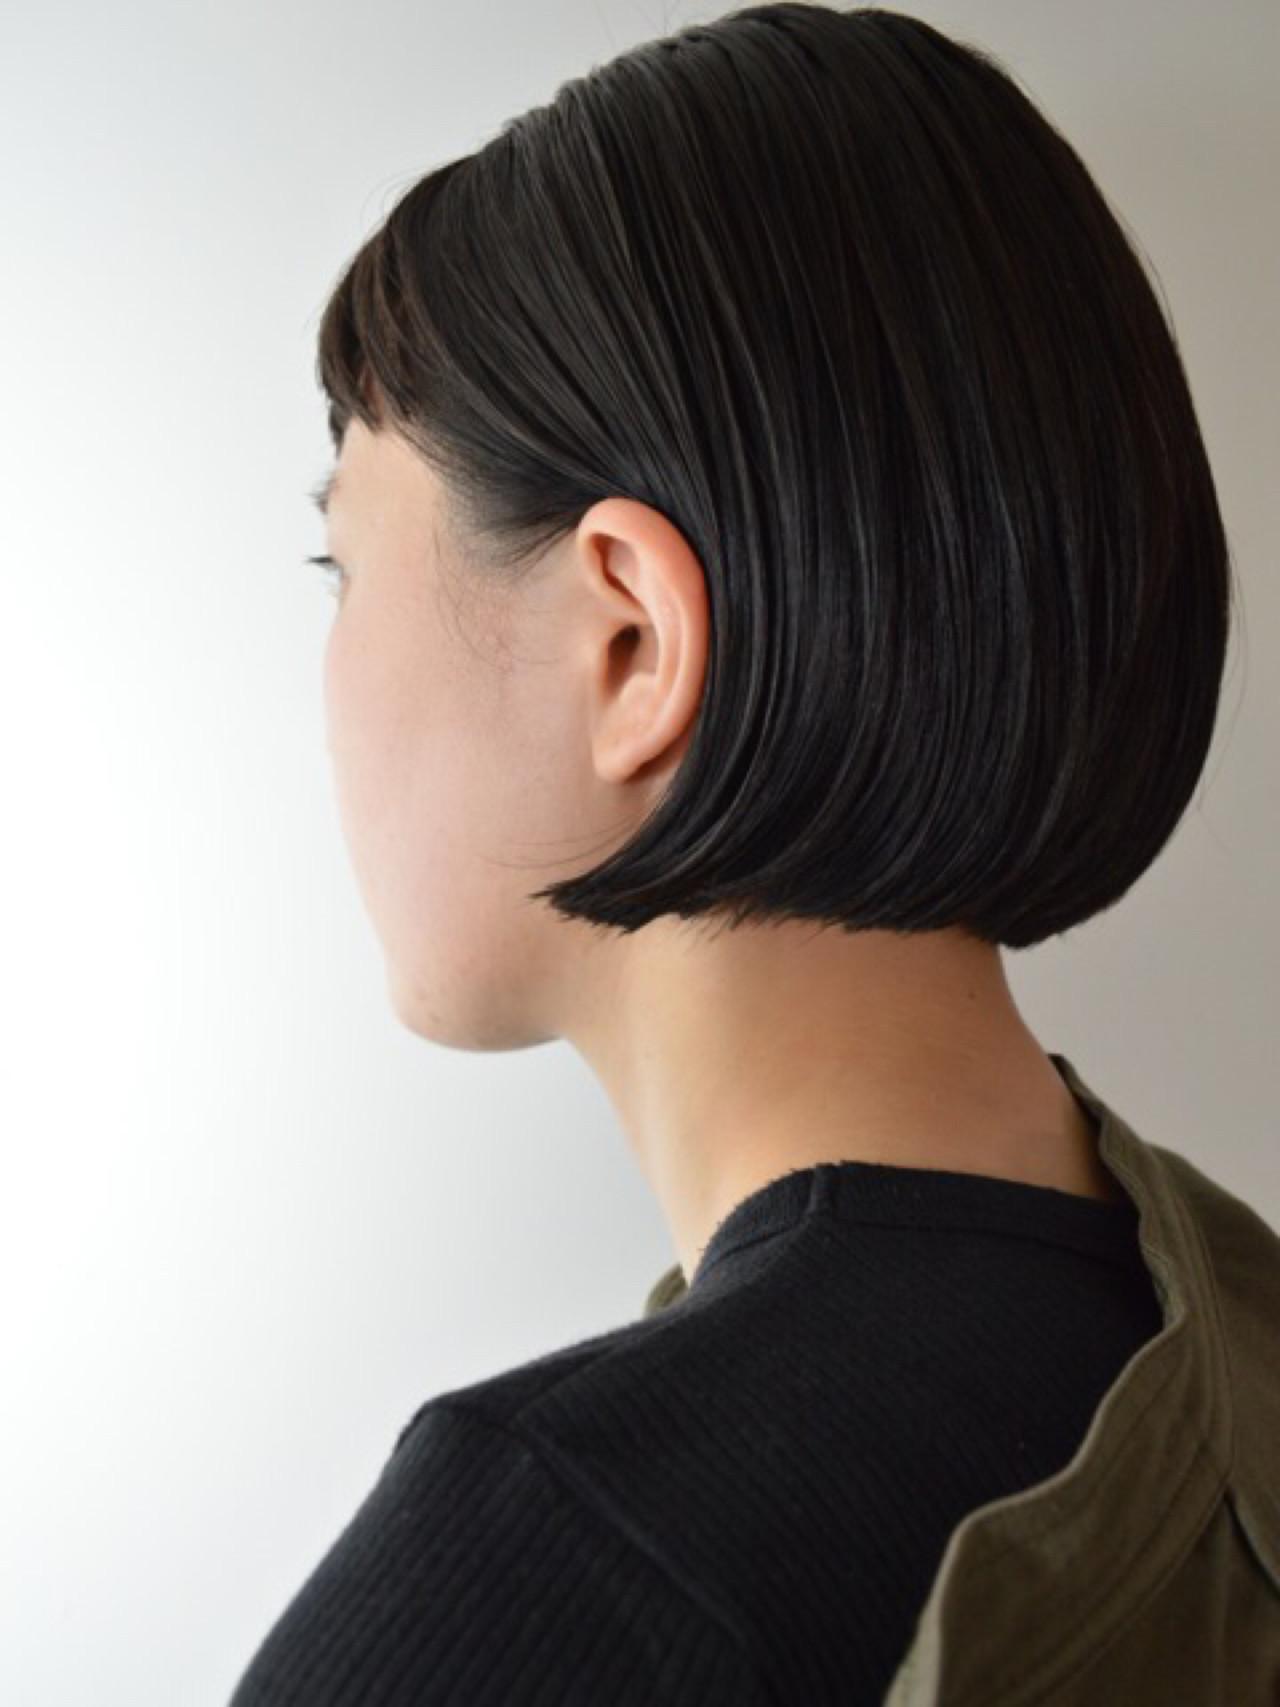 ニュアンス ボブ 切りっぱなし 秋 ヘアスタイルや髪型の写真・画像